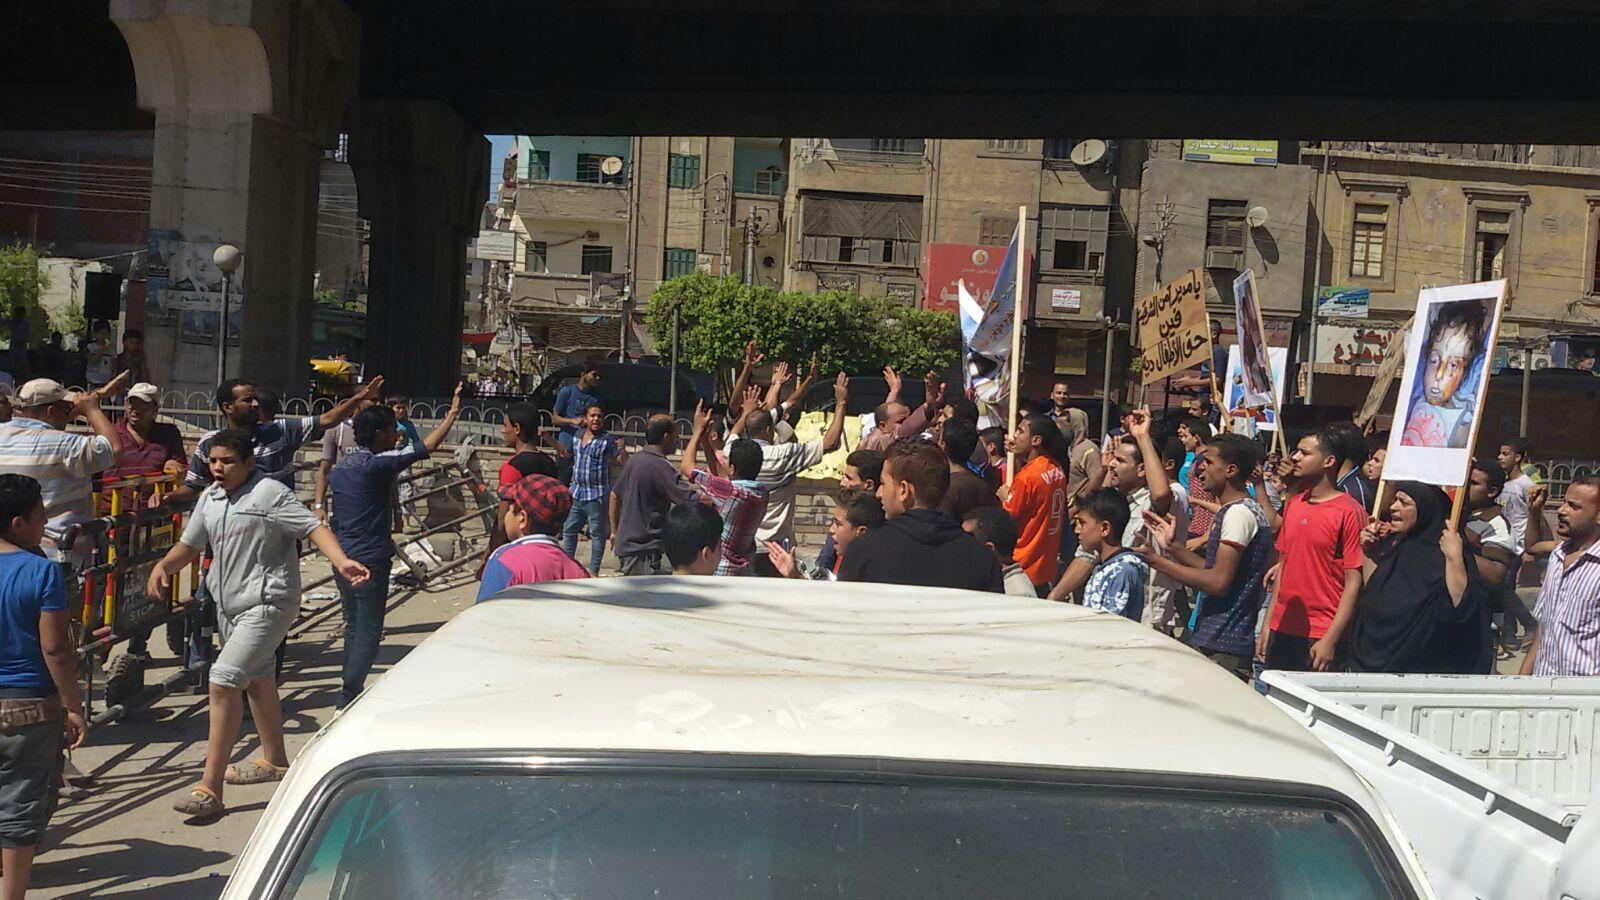 مواطنون يتظاهرون بالزقازيق للمطالبة بالقبض على قتلة طفلين